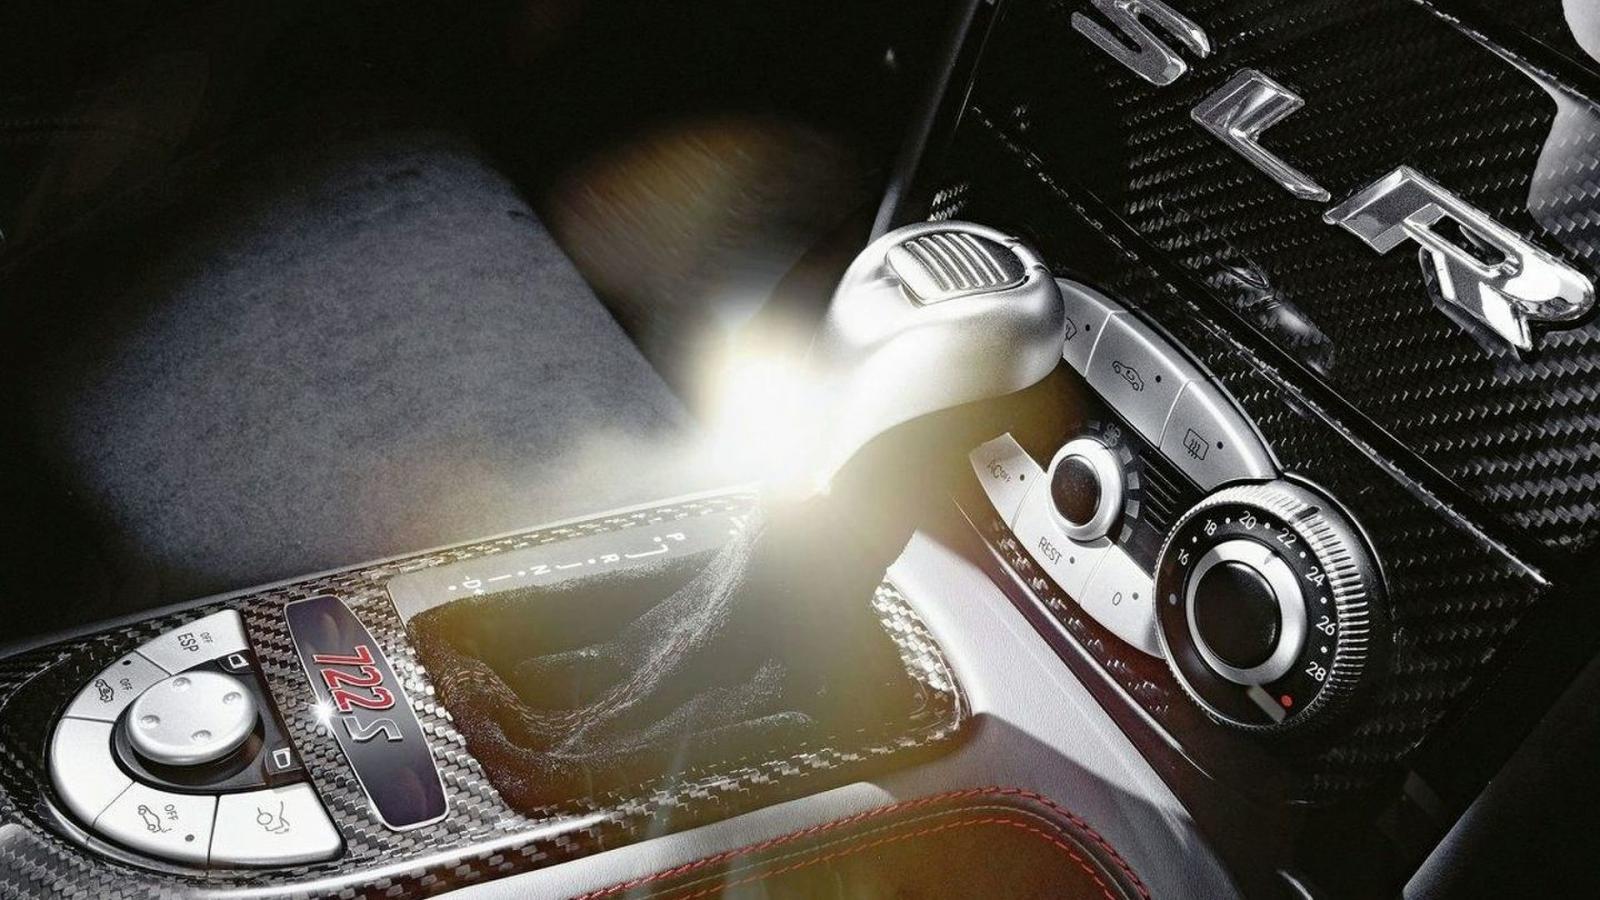 The Mercedes SLR Mclaren gear stick